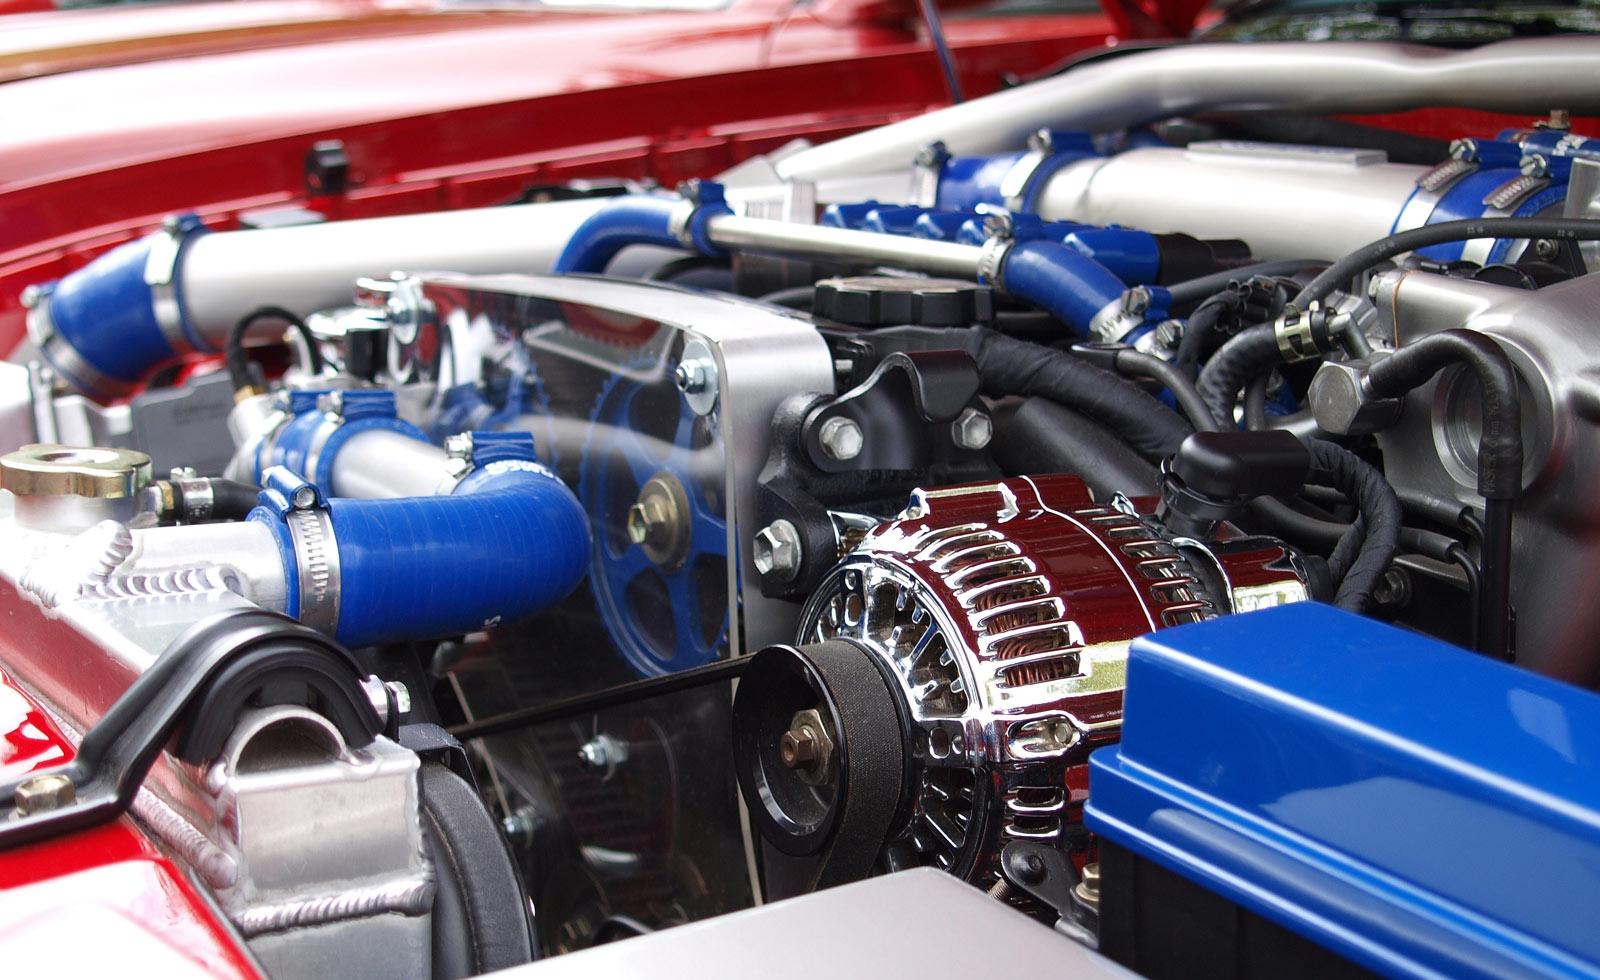 Das Innere eines Motorenraums